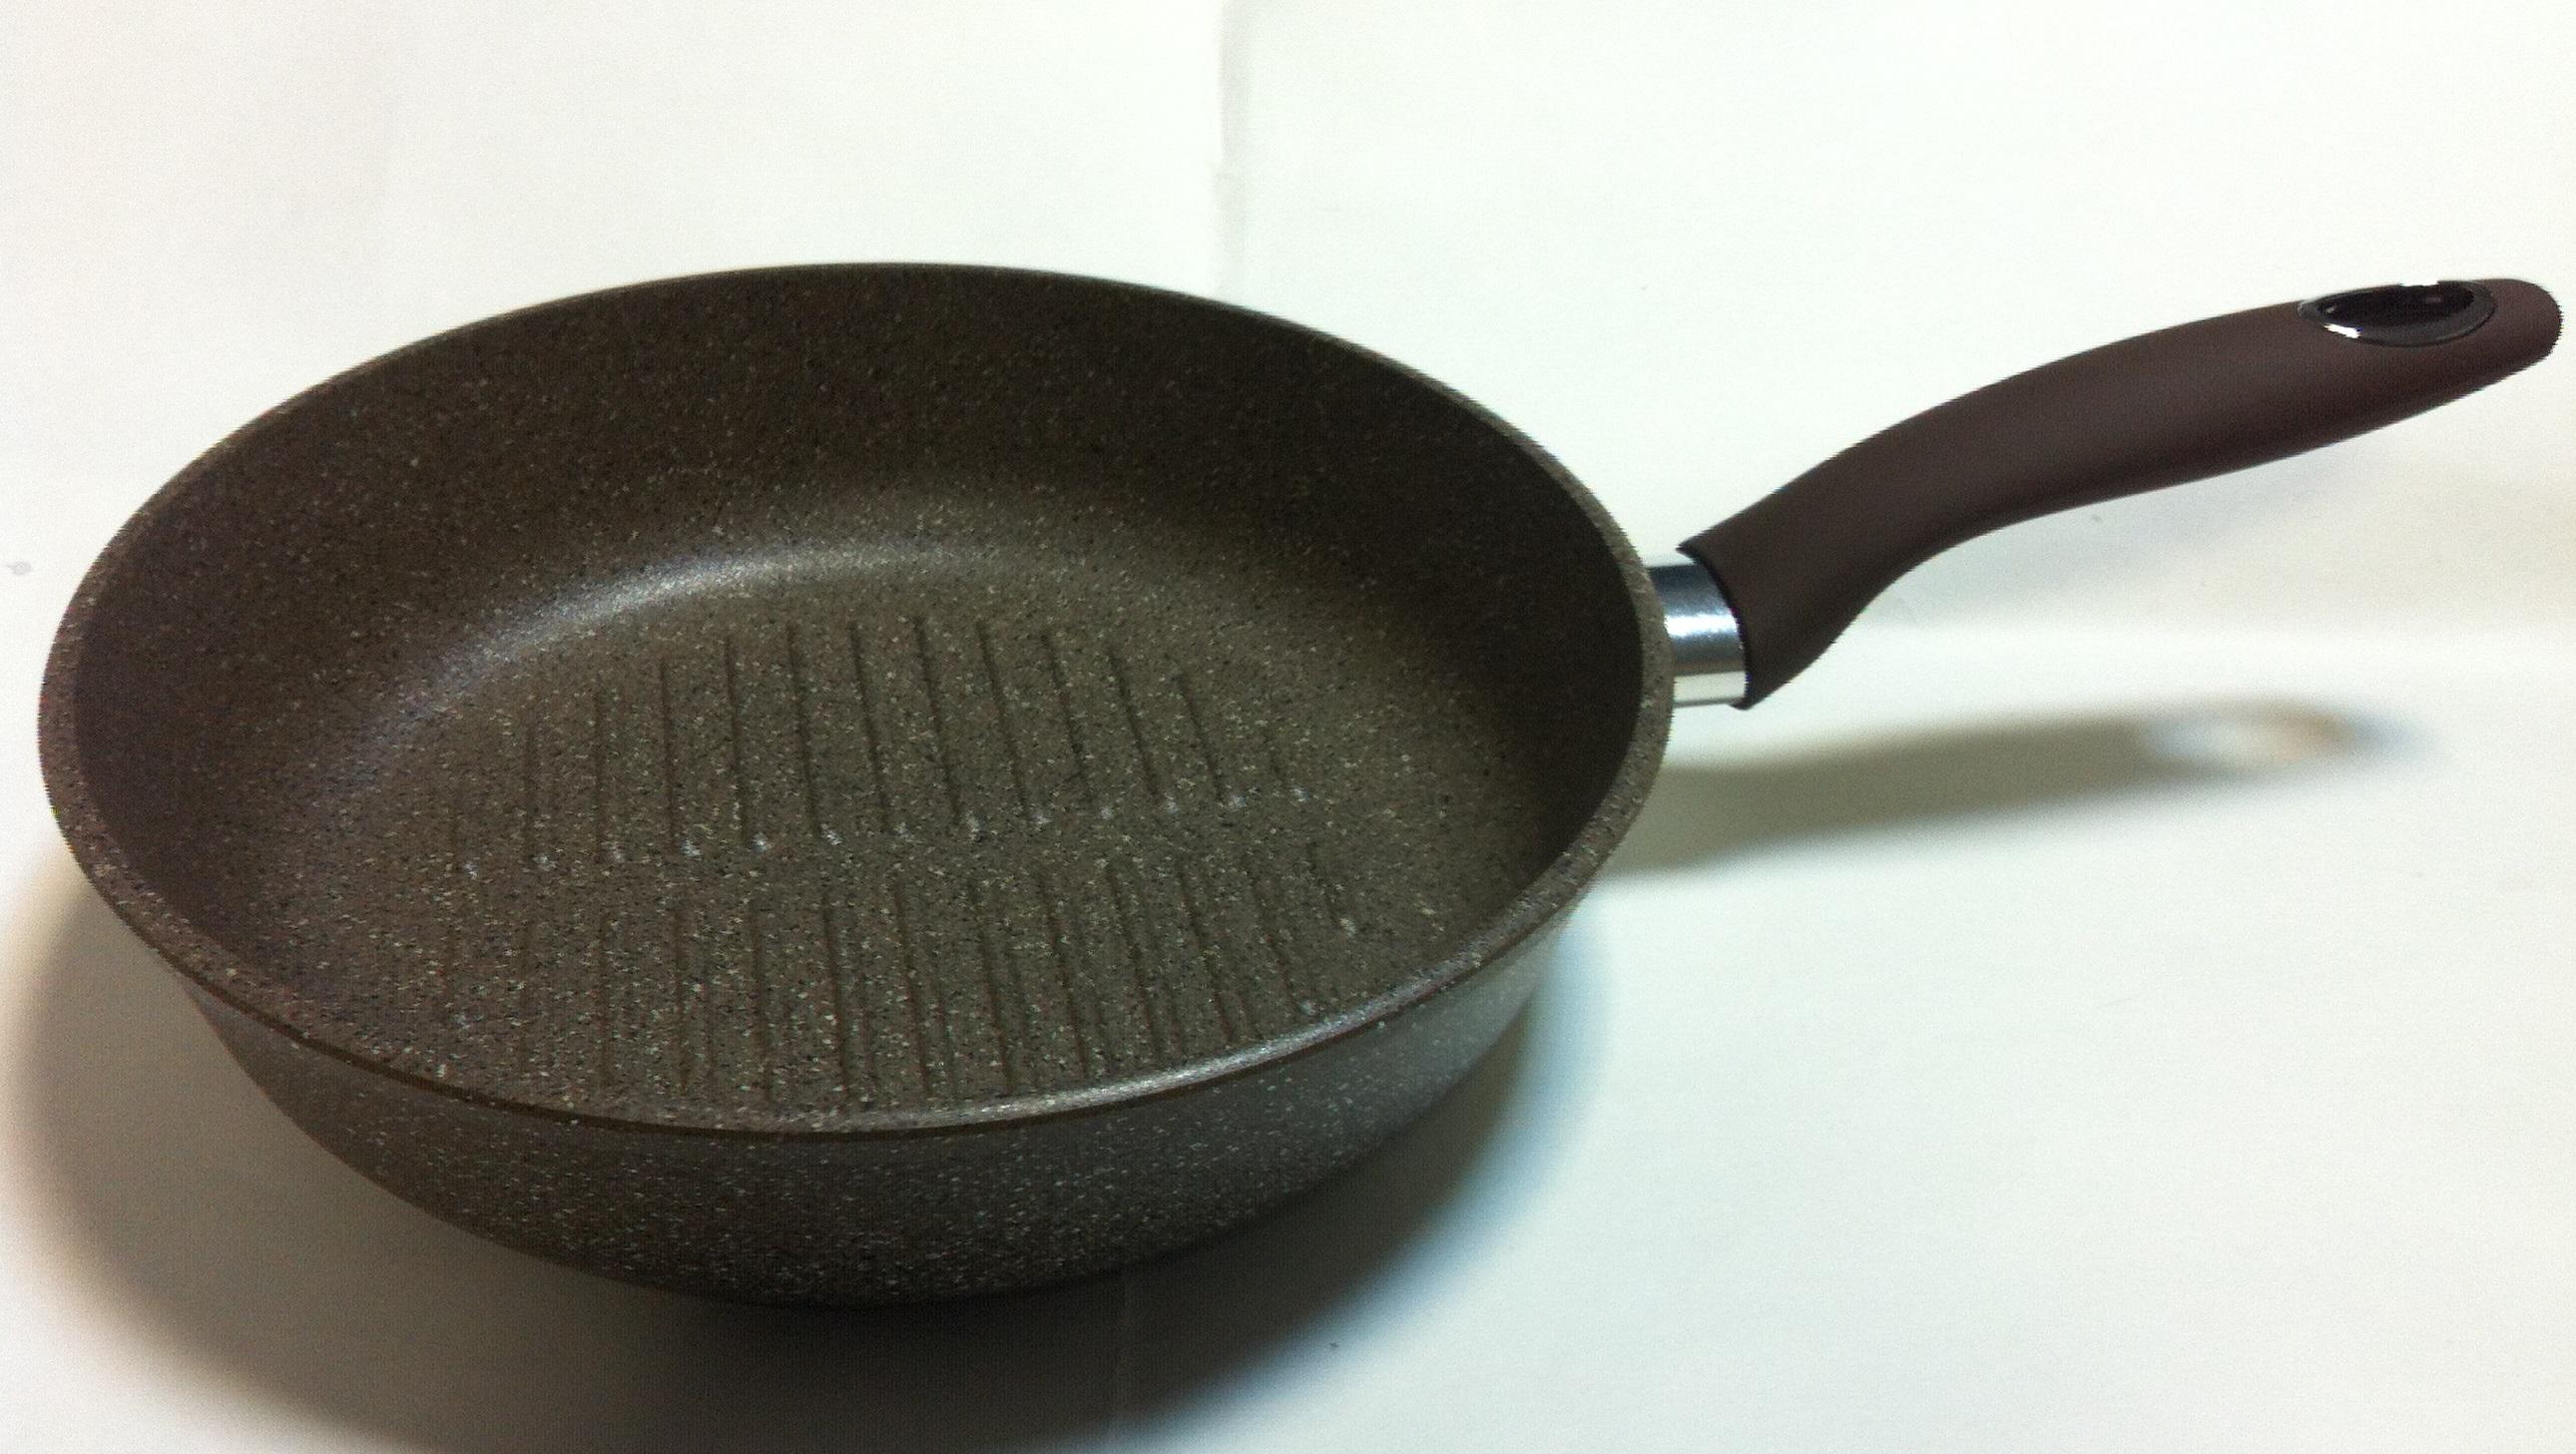 Сковорода-гриль VariСковороды<br>Тип: гриль,<br>Материал: алюминий,<br>Диаметр: 260,<br>Толщина стенок: 4,<br>Толщина дна: 6,<br>Покрытие чаши: антипригарное<br>